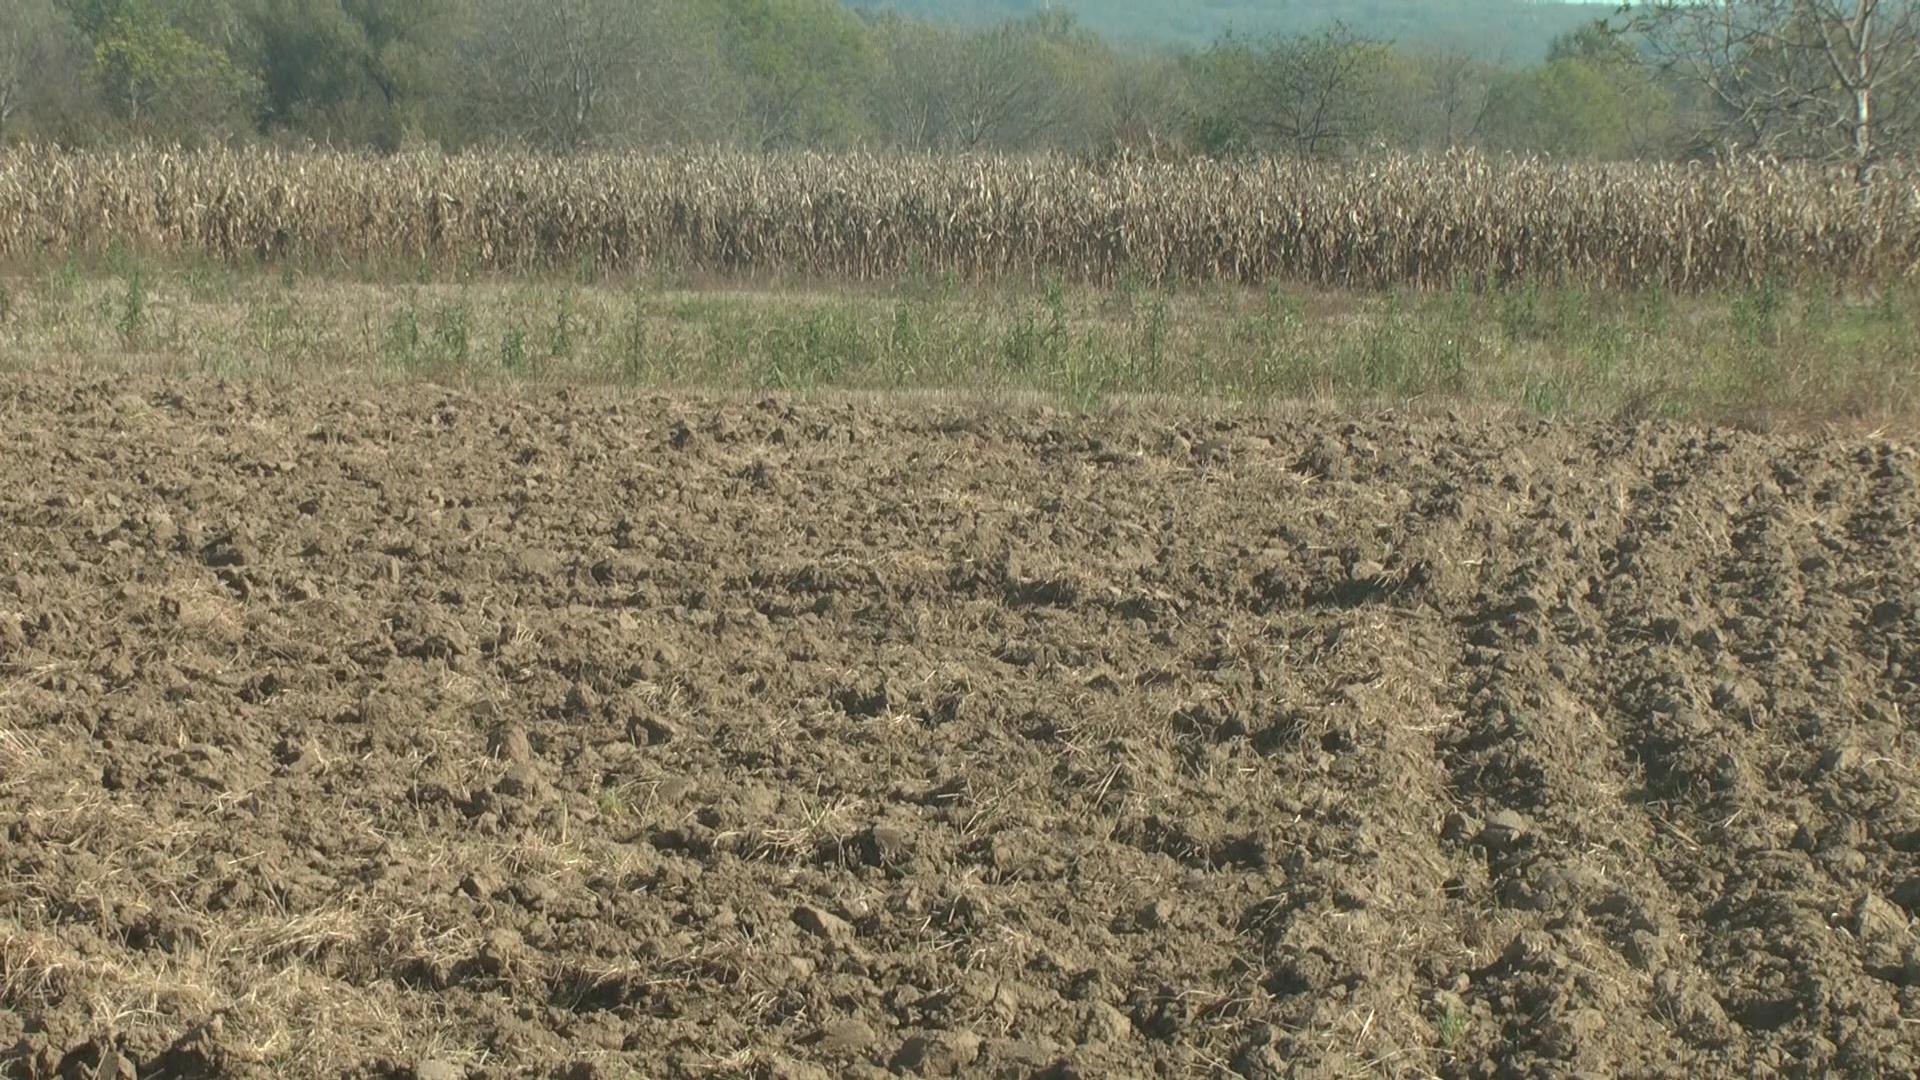 Setva pšenice u punom jeku